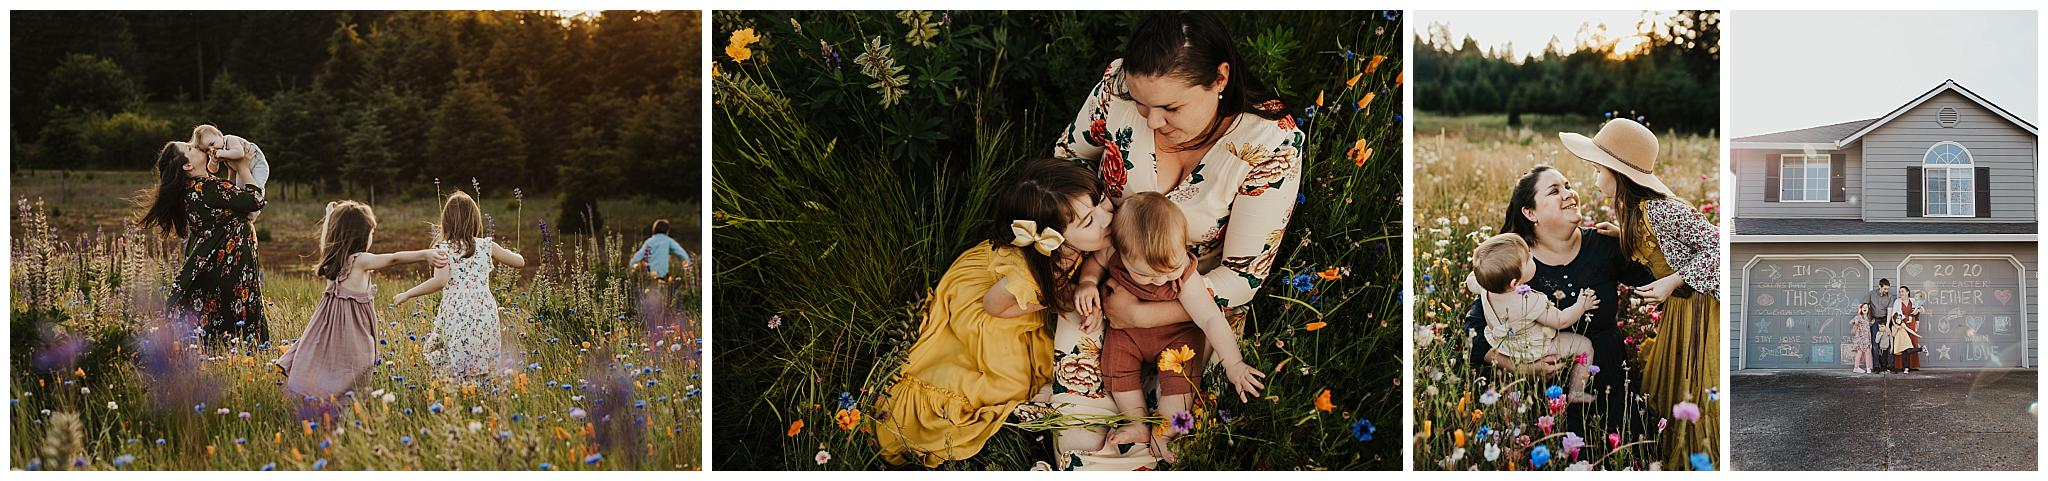 Family in a field of flowers in Portland Oregon